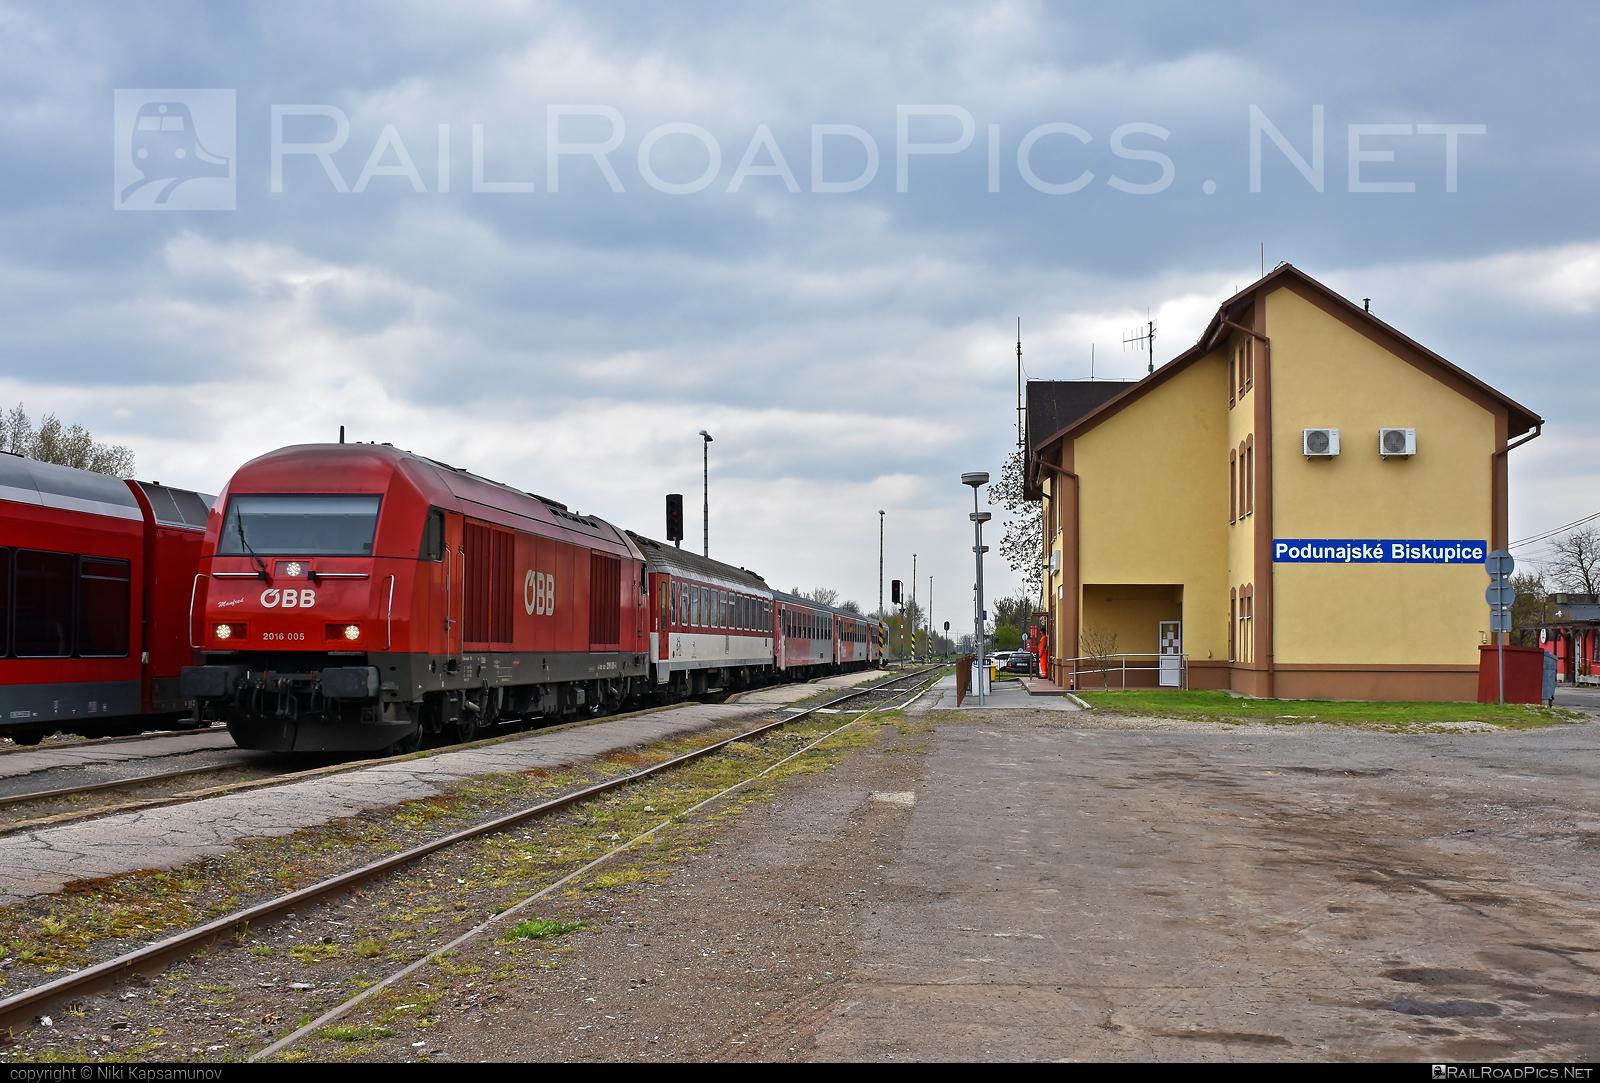 Siemens ER20 - 2016 005 operated by Österreichische Bundesbahnen #cityshuttle #er20 #er20hercules #eurorunner #hercules #obb #osterreichischebundesbahnen #siemens #siemenser20 #siemenser20hercules #siemenseurorunner #siemenshercules